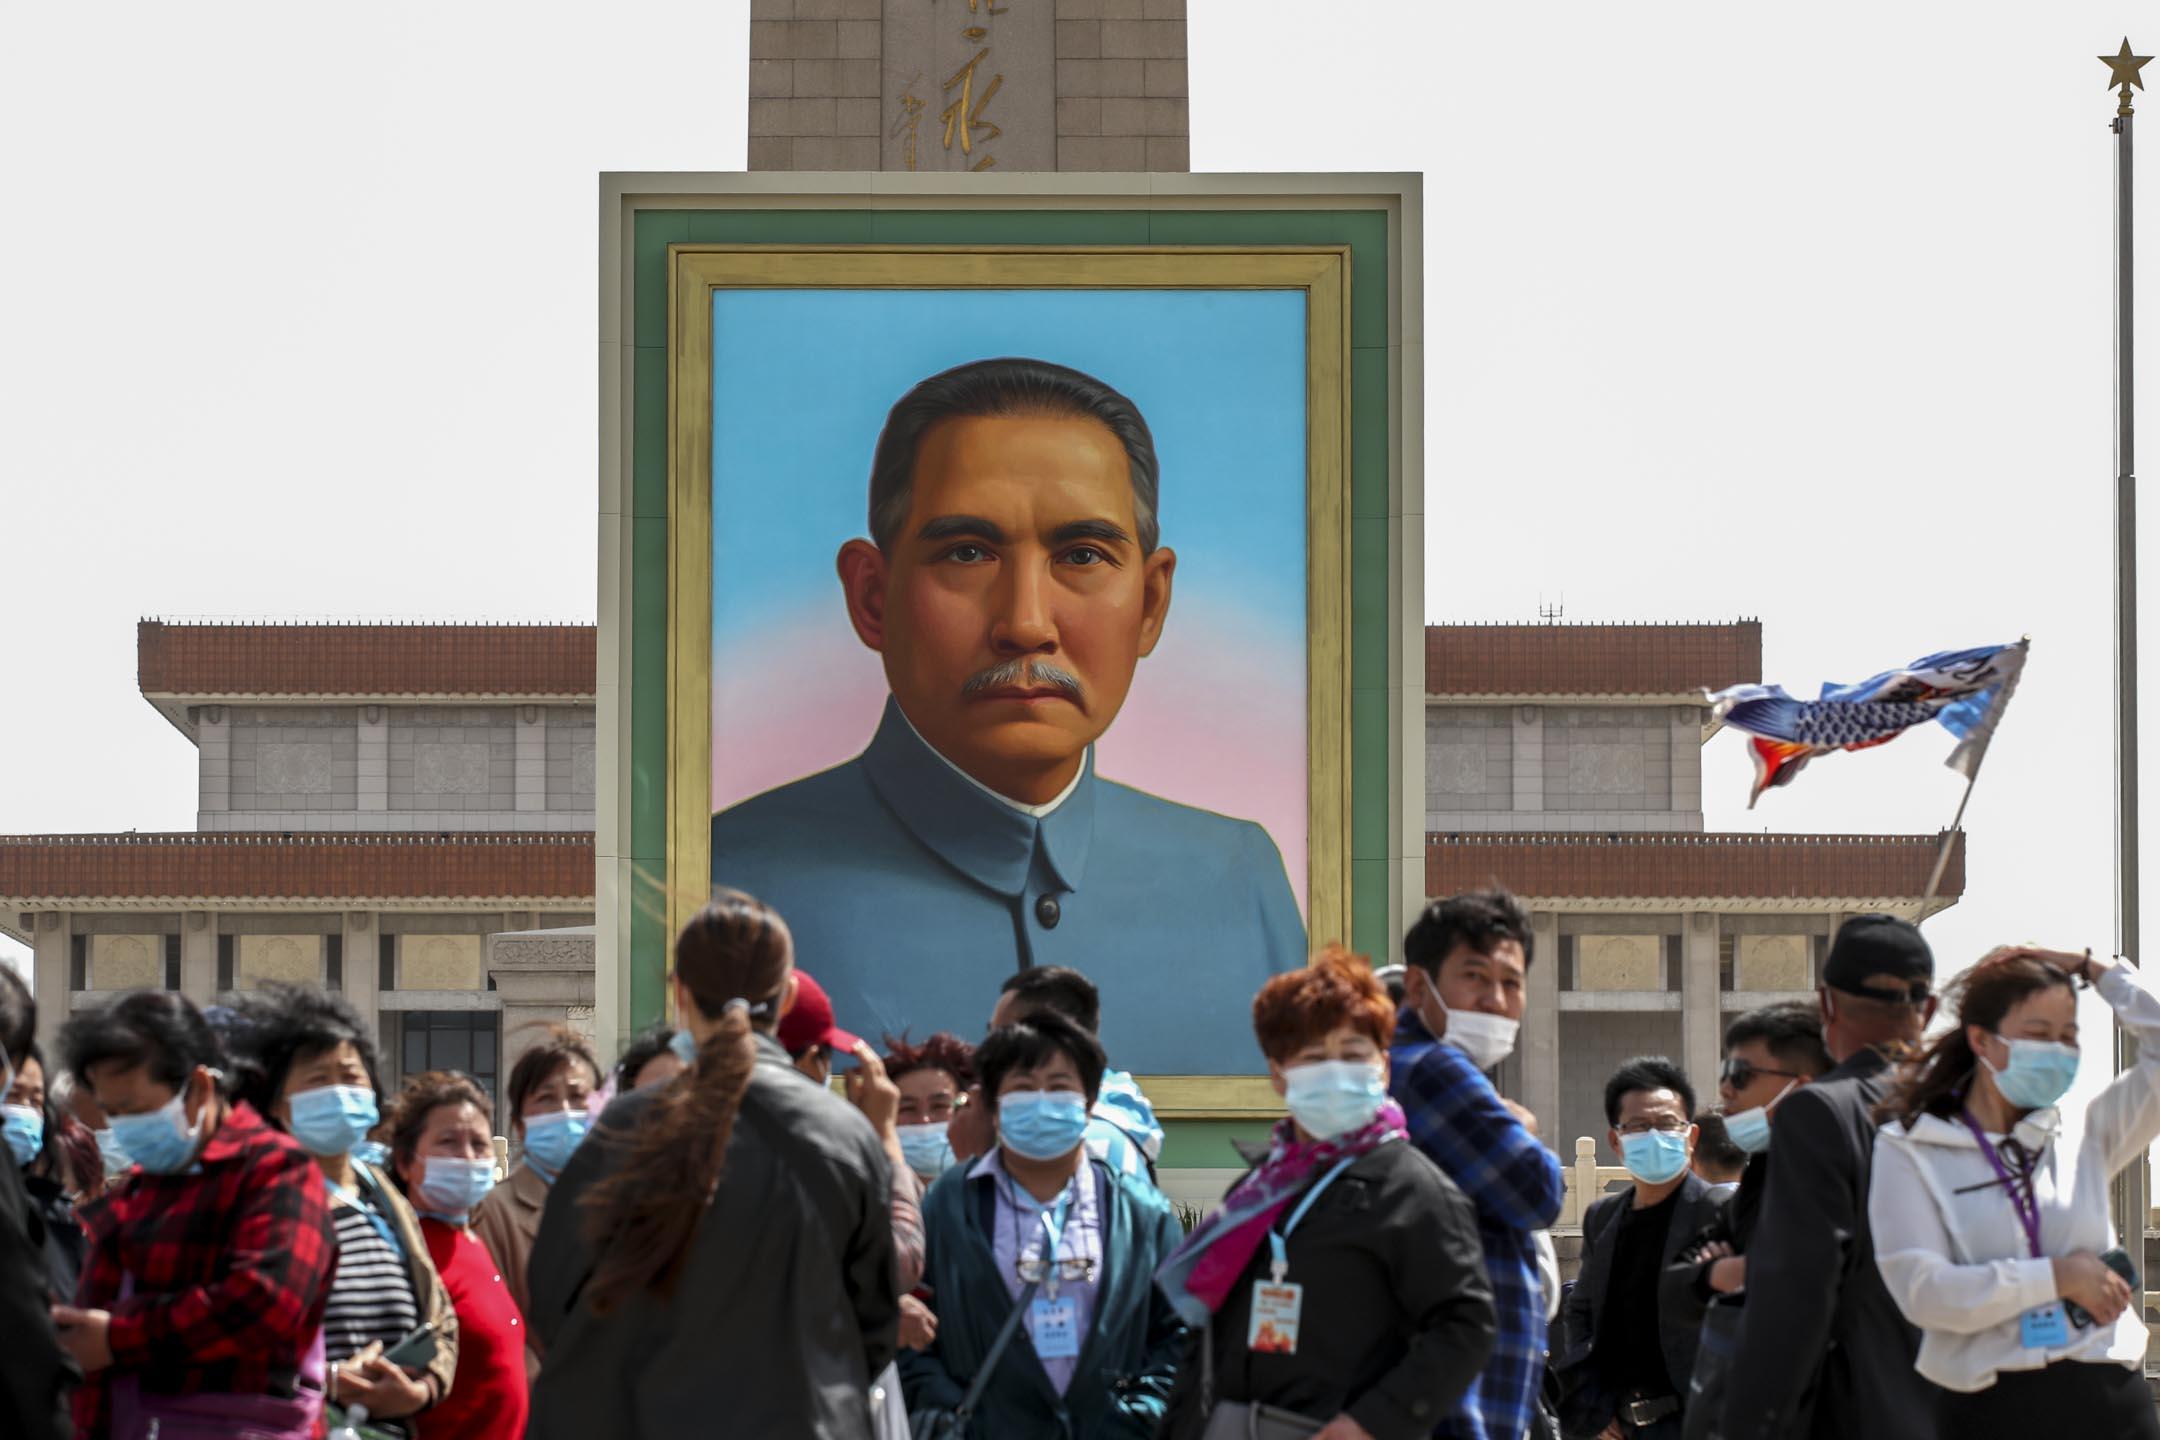 2021年4月27日,中國五一勞動節假期前﹐遊客在天安門廣場的孫中山肖像前拍照。 攝:Wang Xin/VCG via Getty Images